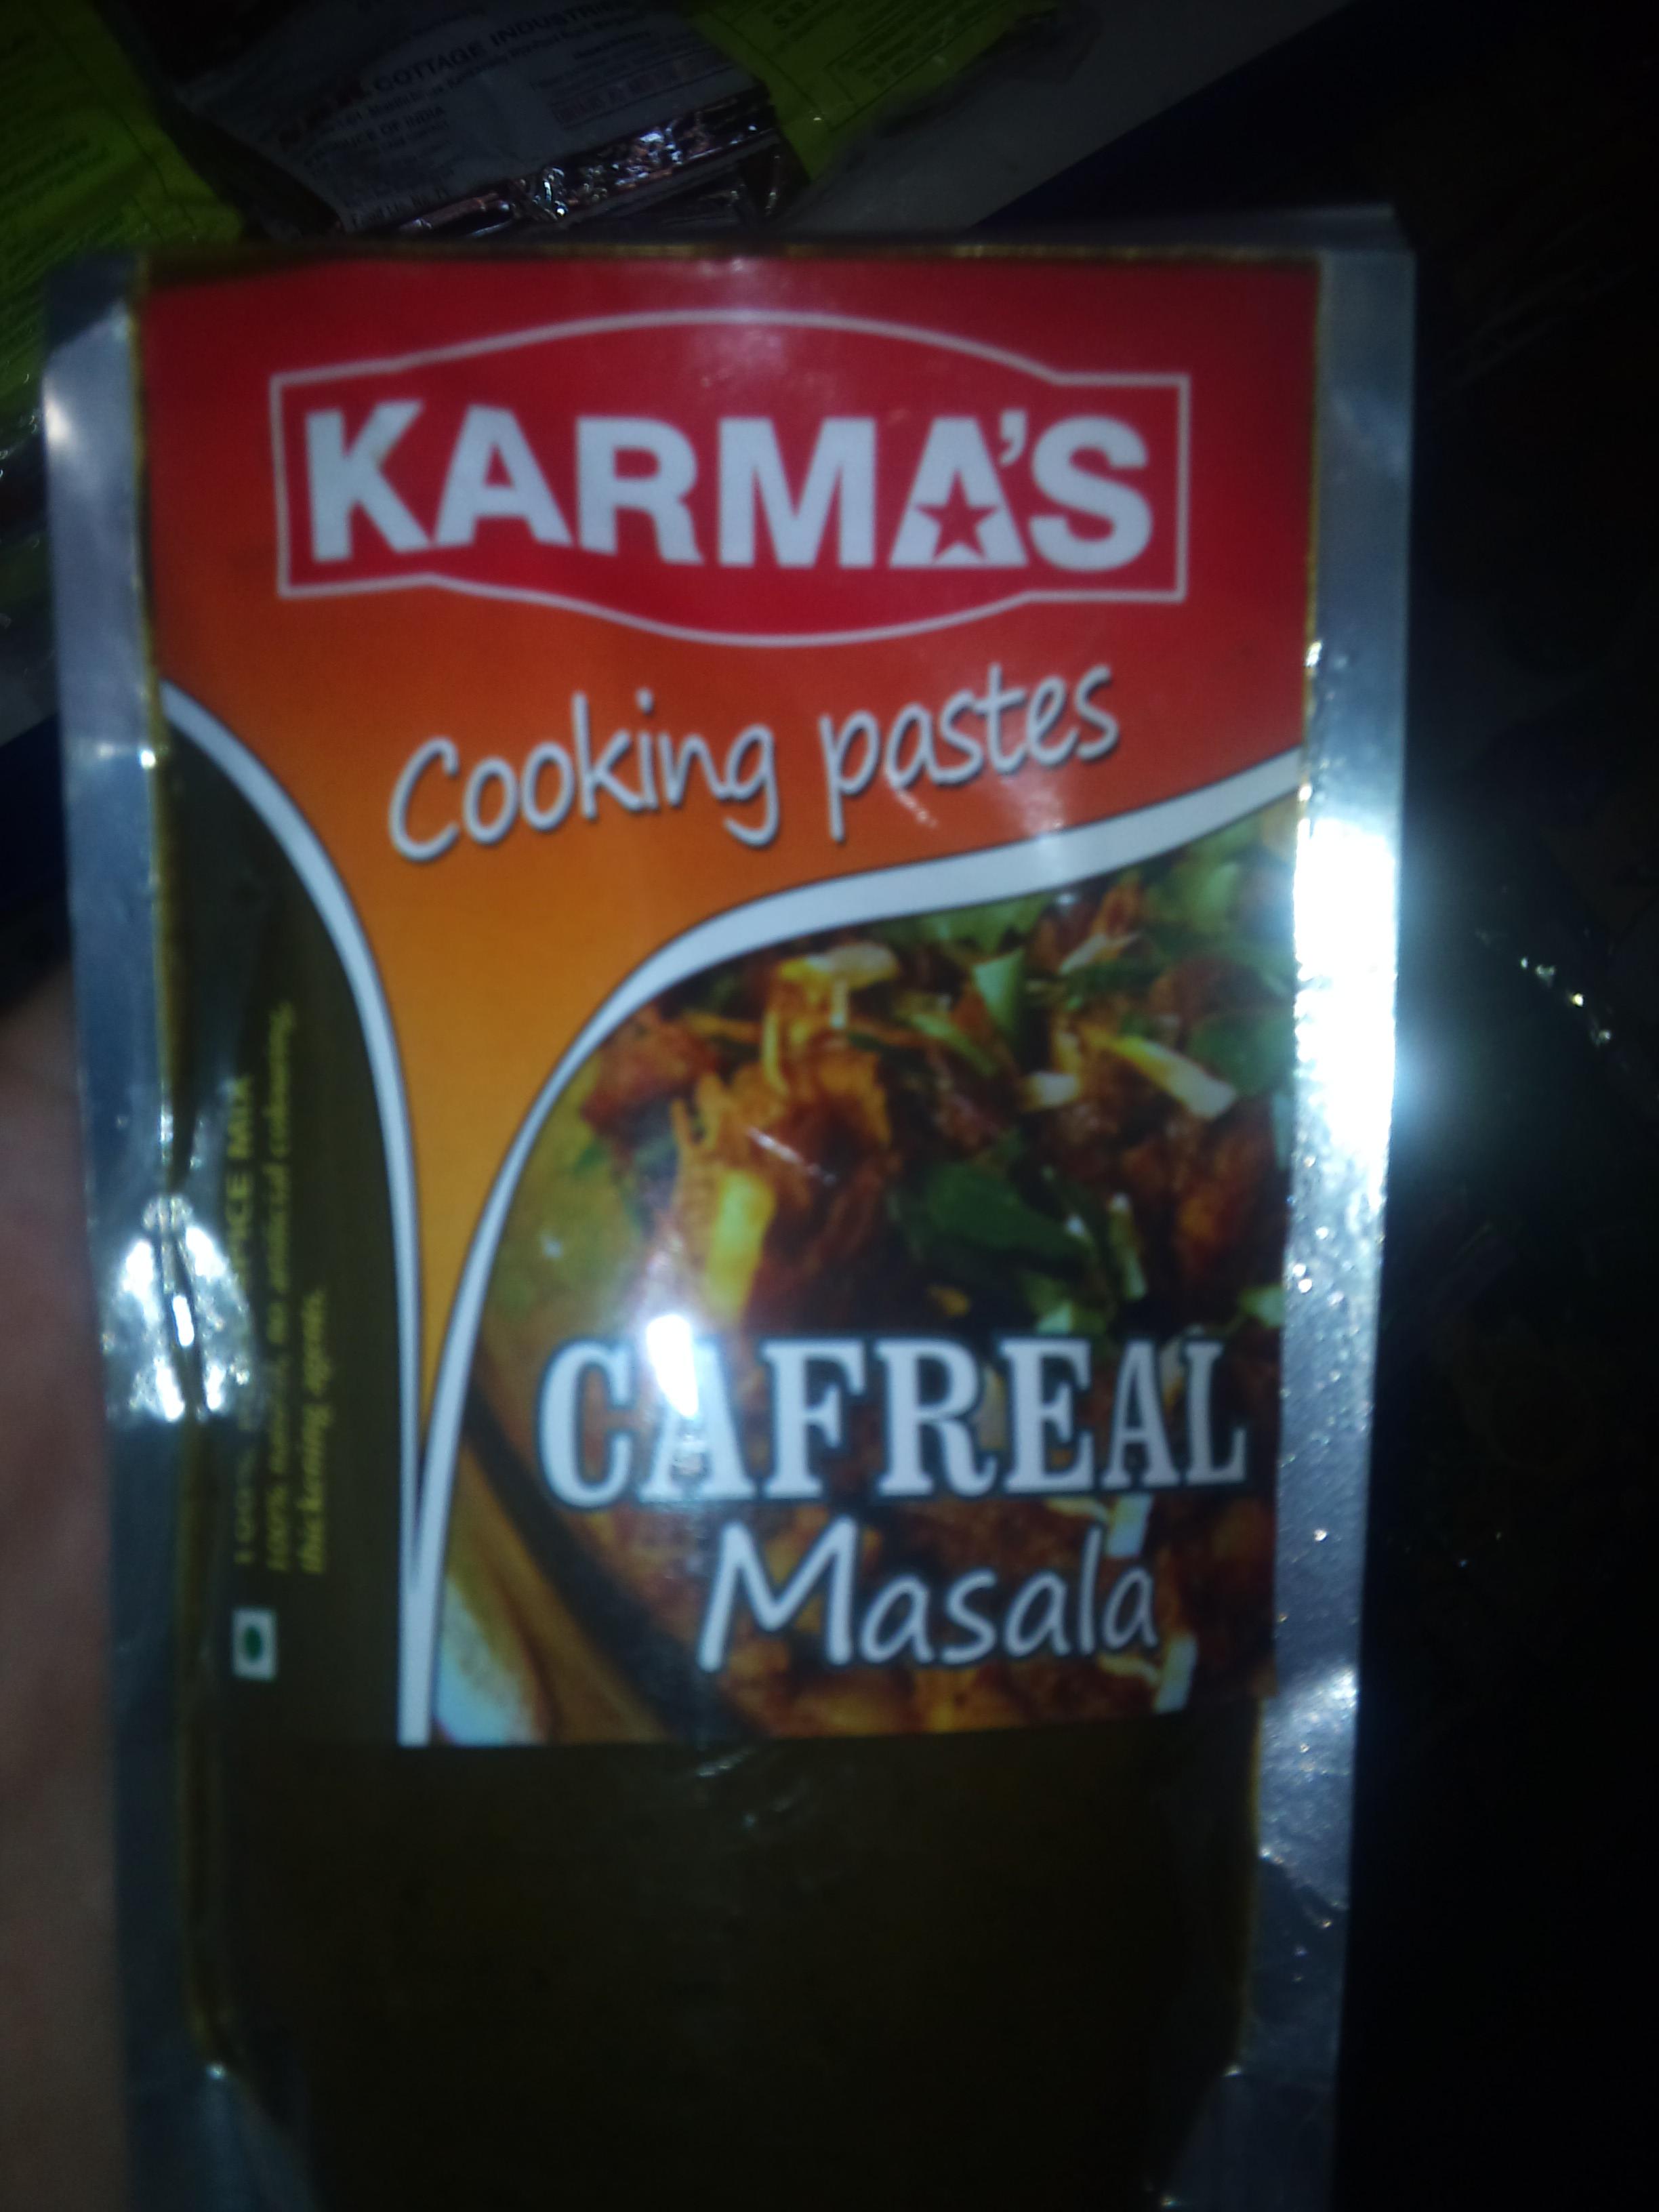 Cafreal Masala - пикантный гоанский соус для курицы с обилием зеленого перца чилли и специй - для истинных любителей острого! Стоимость пасты 100р.